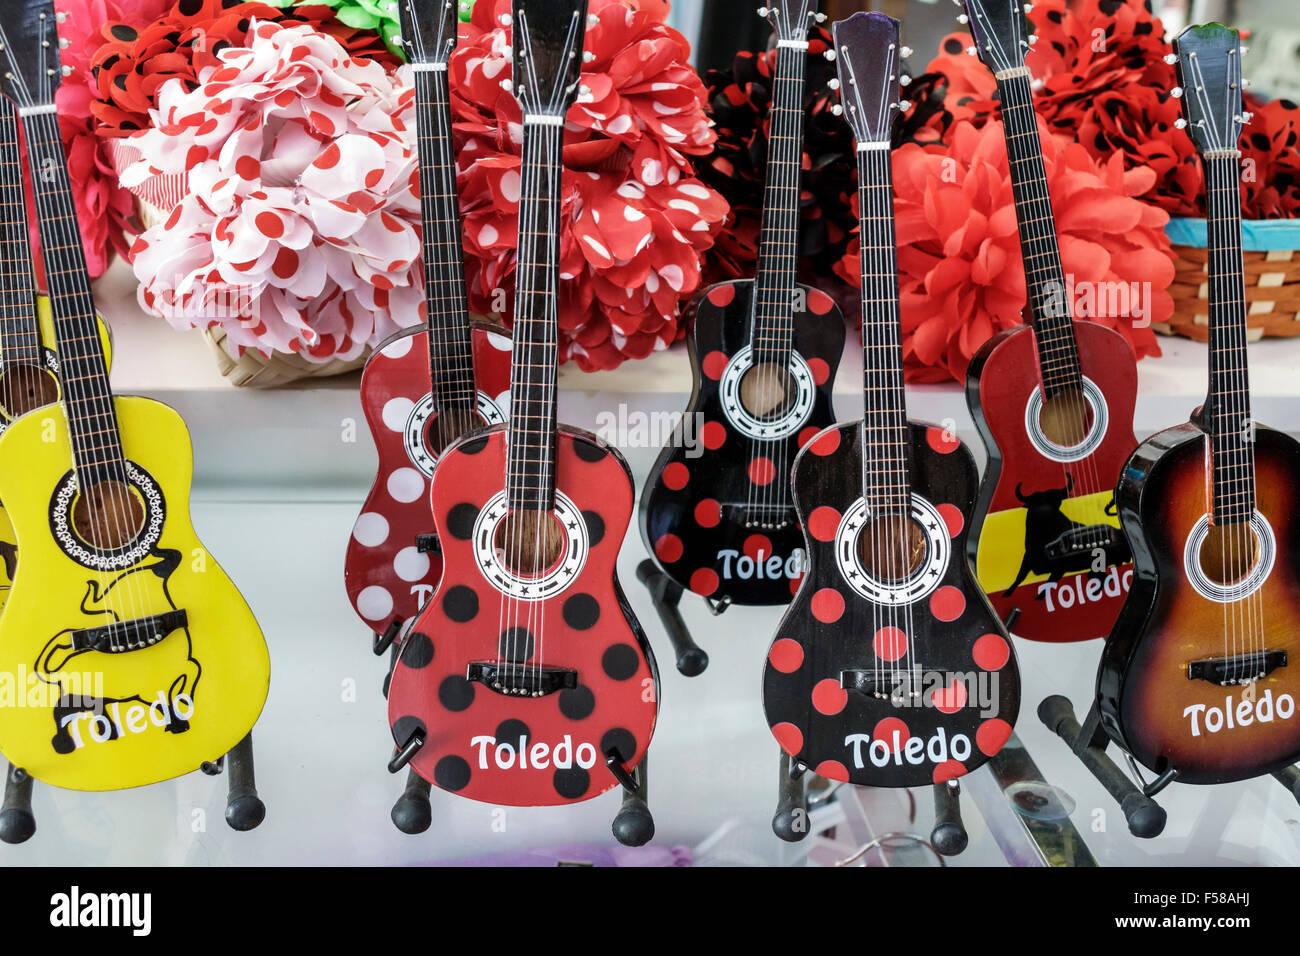 Toledo Espagne Europe espagnol guitare flamenco à pois souvenirs cadeaux  affichage affichage vente au détail Photo 35b7b1739e1